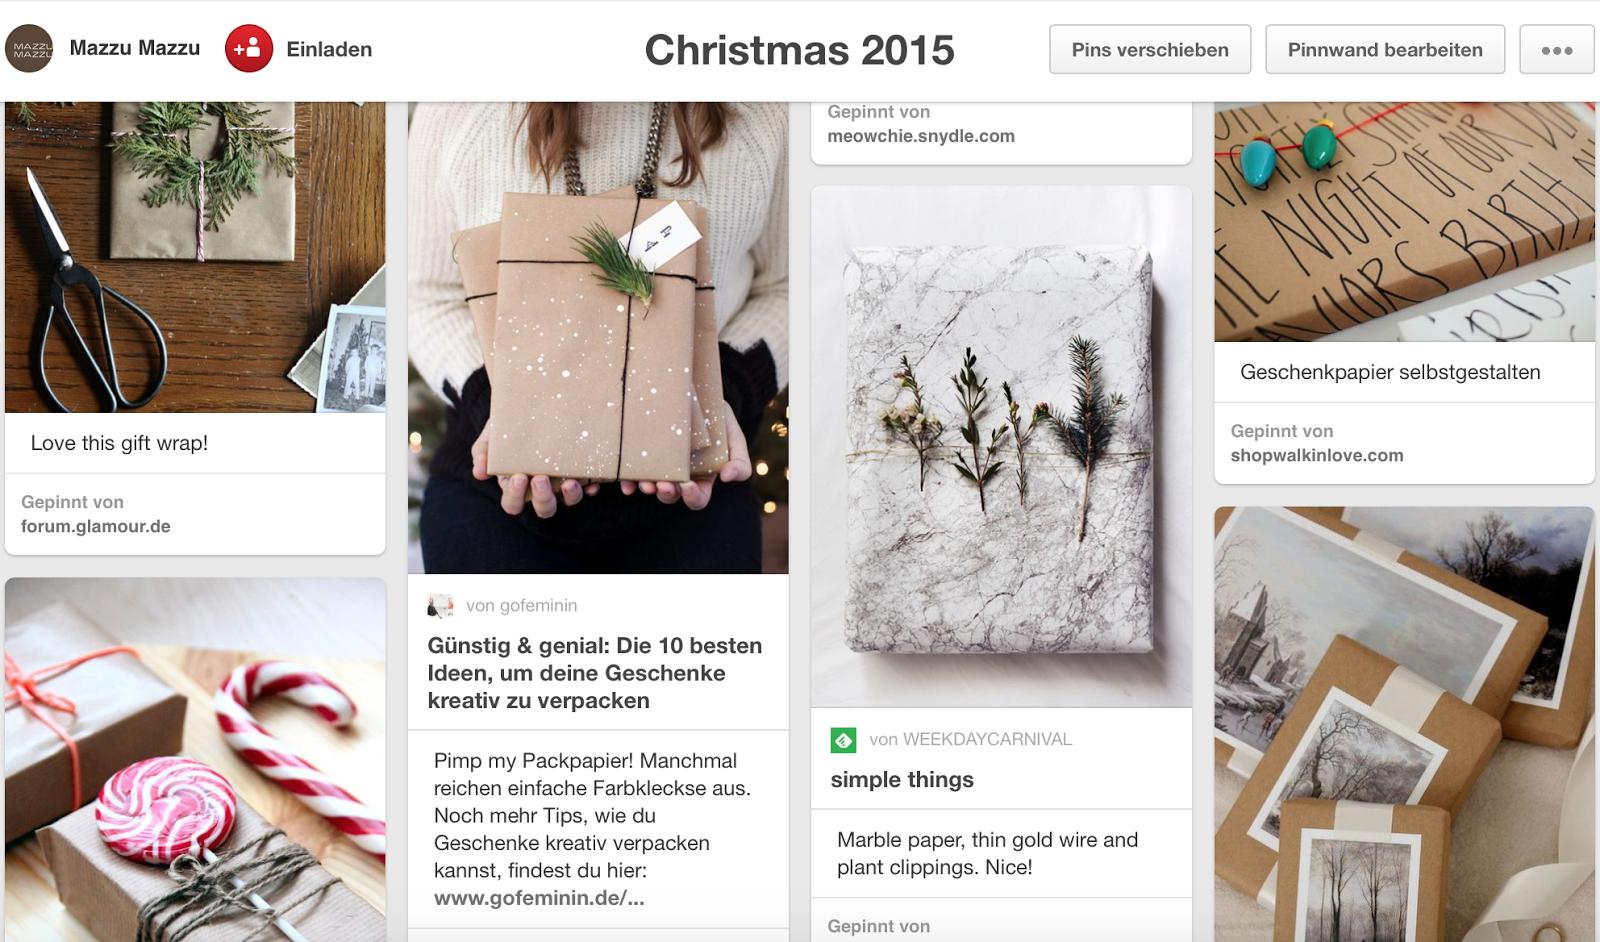 Mazzu mazzu mag pinterest kreative verpackungsideen zu for Pinterest weihnachten